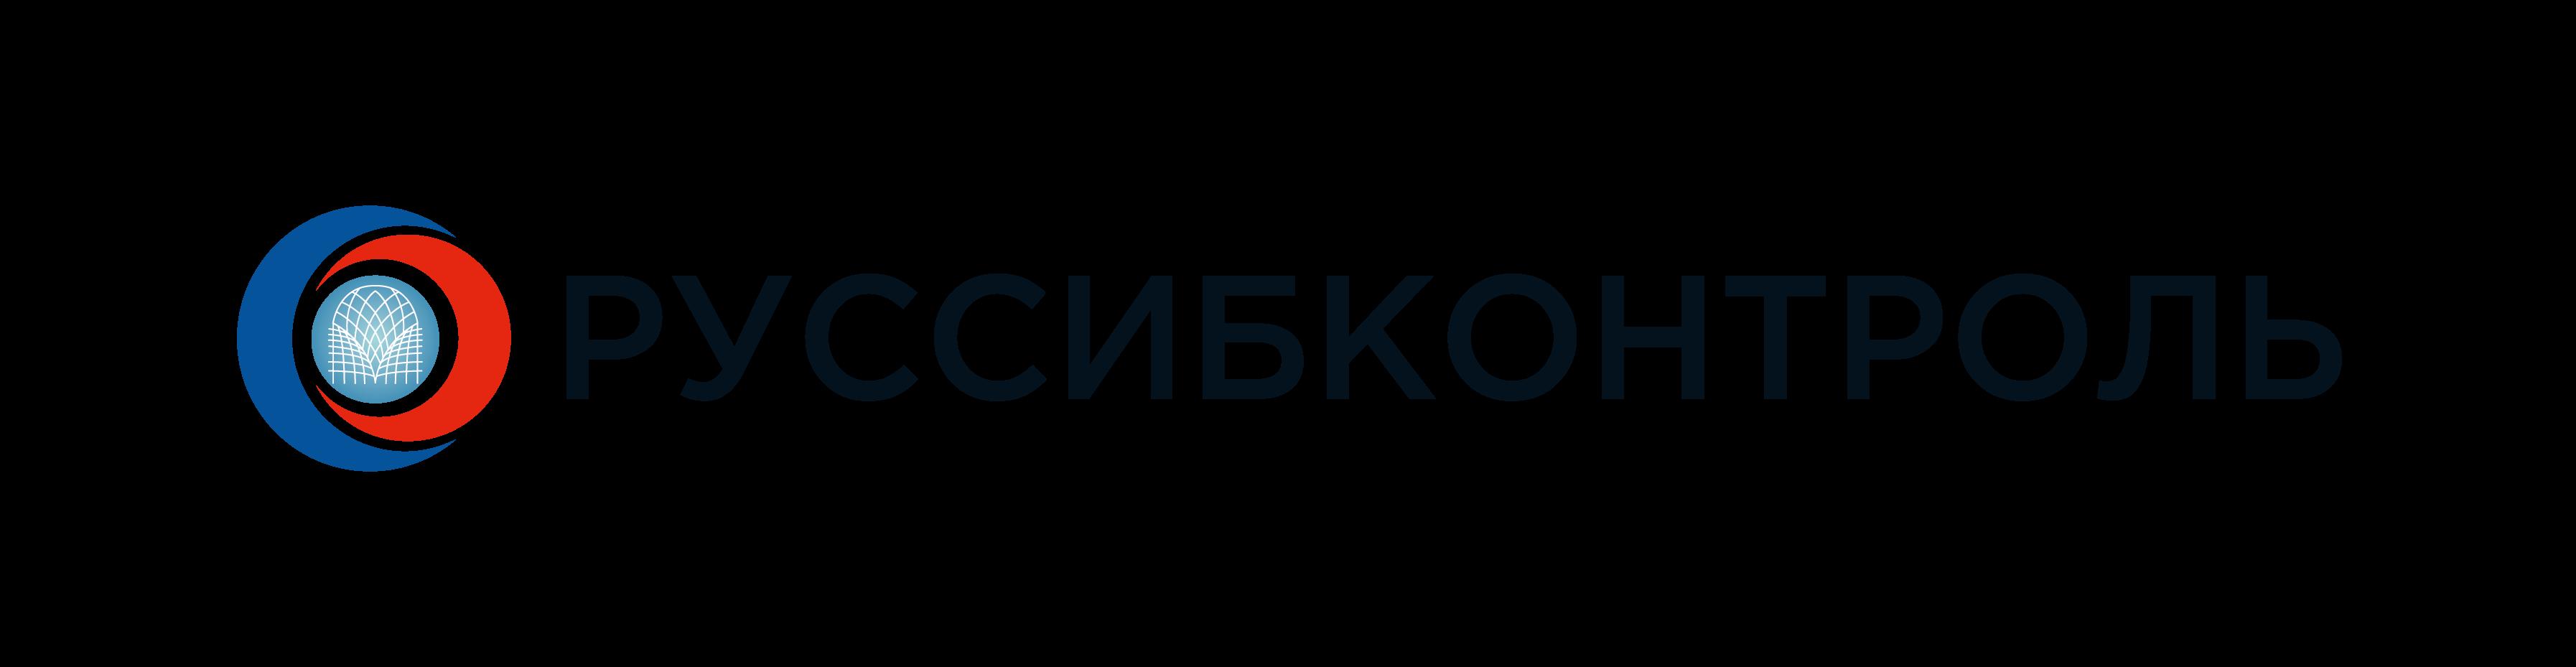 РусСибКонтроль